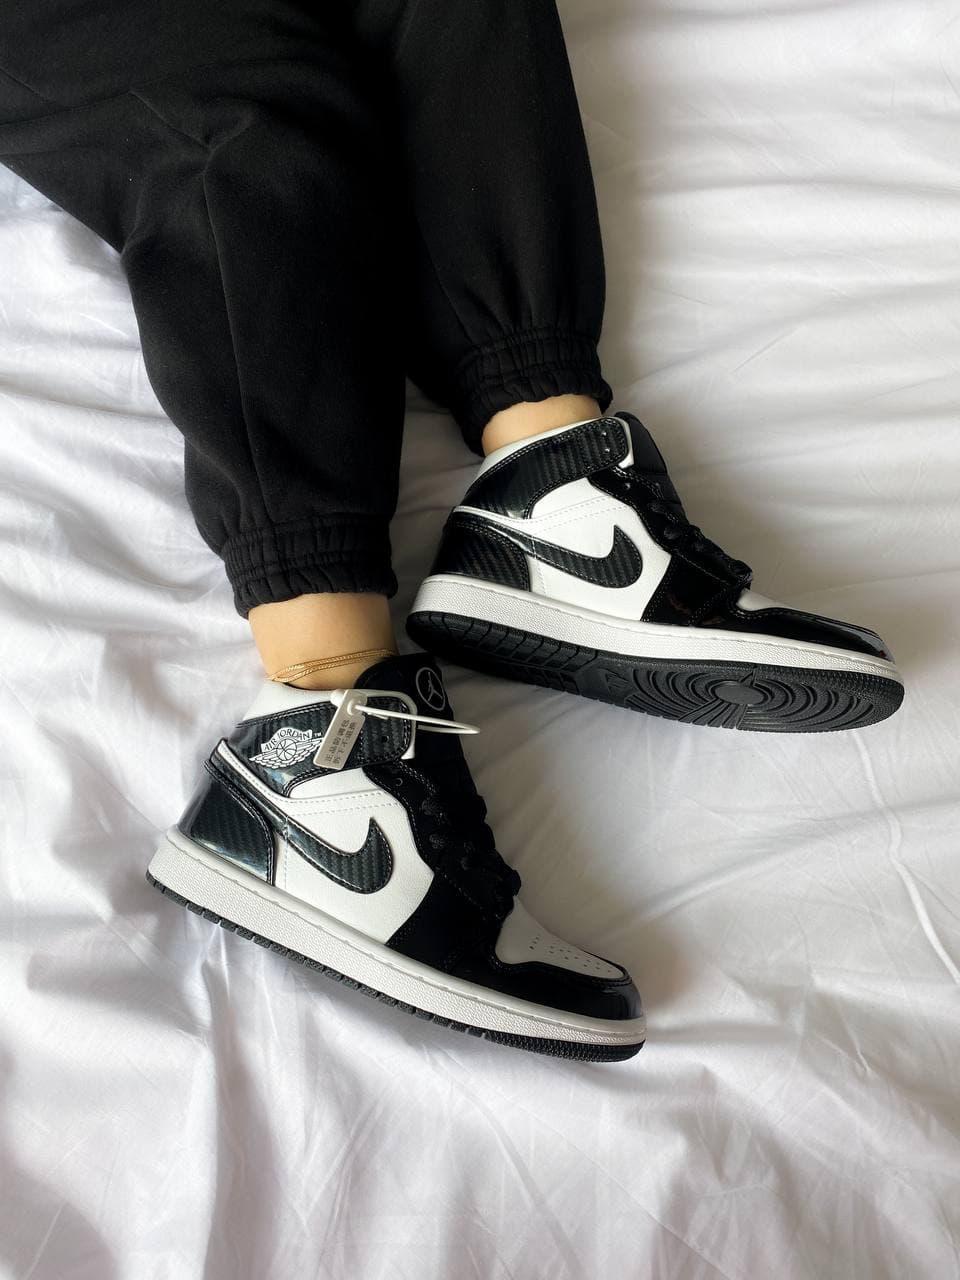 Мужские кроссовки Nike Air Jordan 1 Mid SE ASW Carbon Fiber (черно-белые) крутые модные кроссы К4145